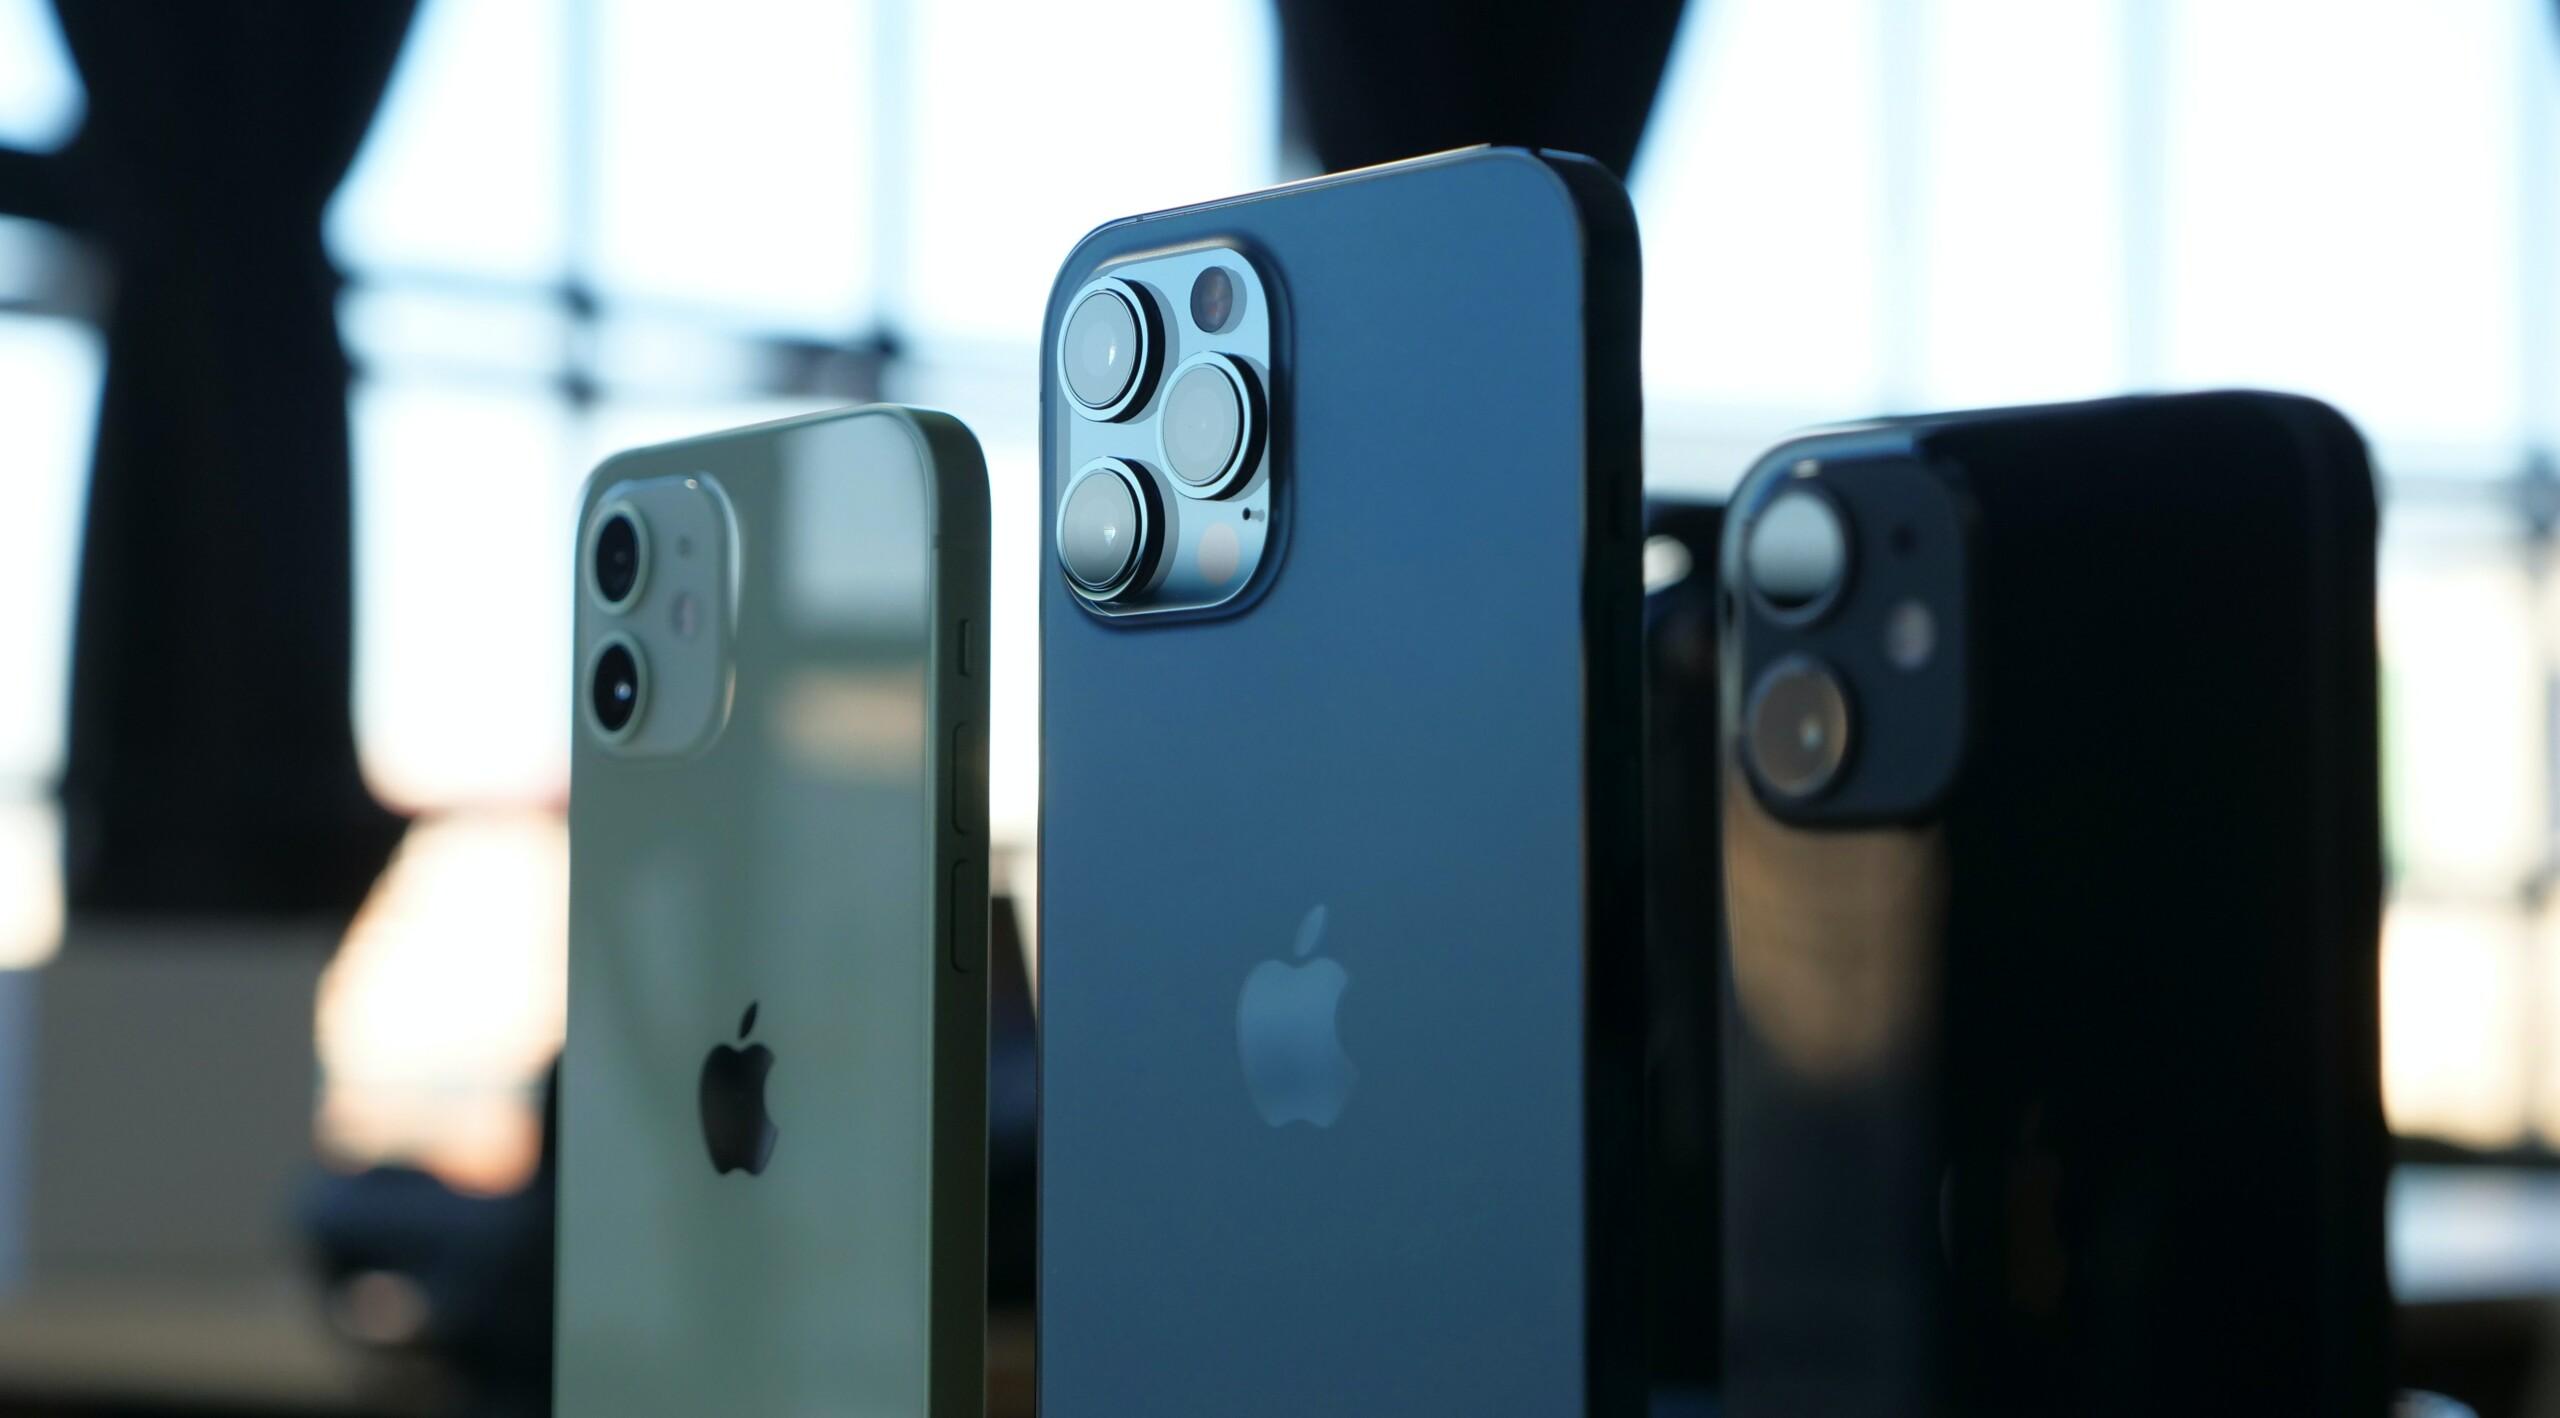 La majeure partie des spécifications des derniers iPhone était connue avant leur annonce… une situation qui contrarie fortement Apple